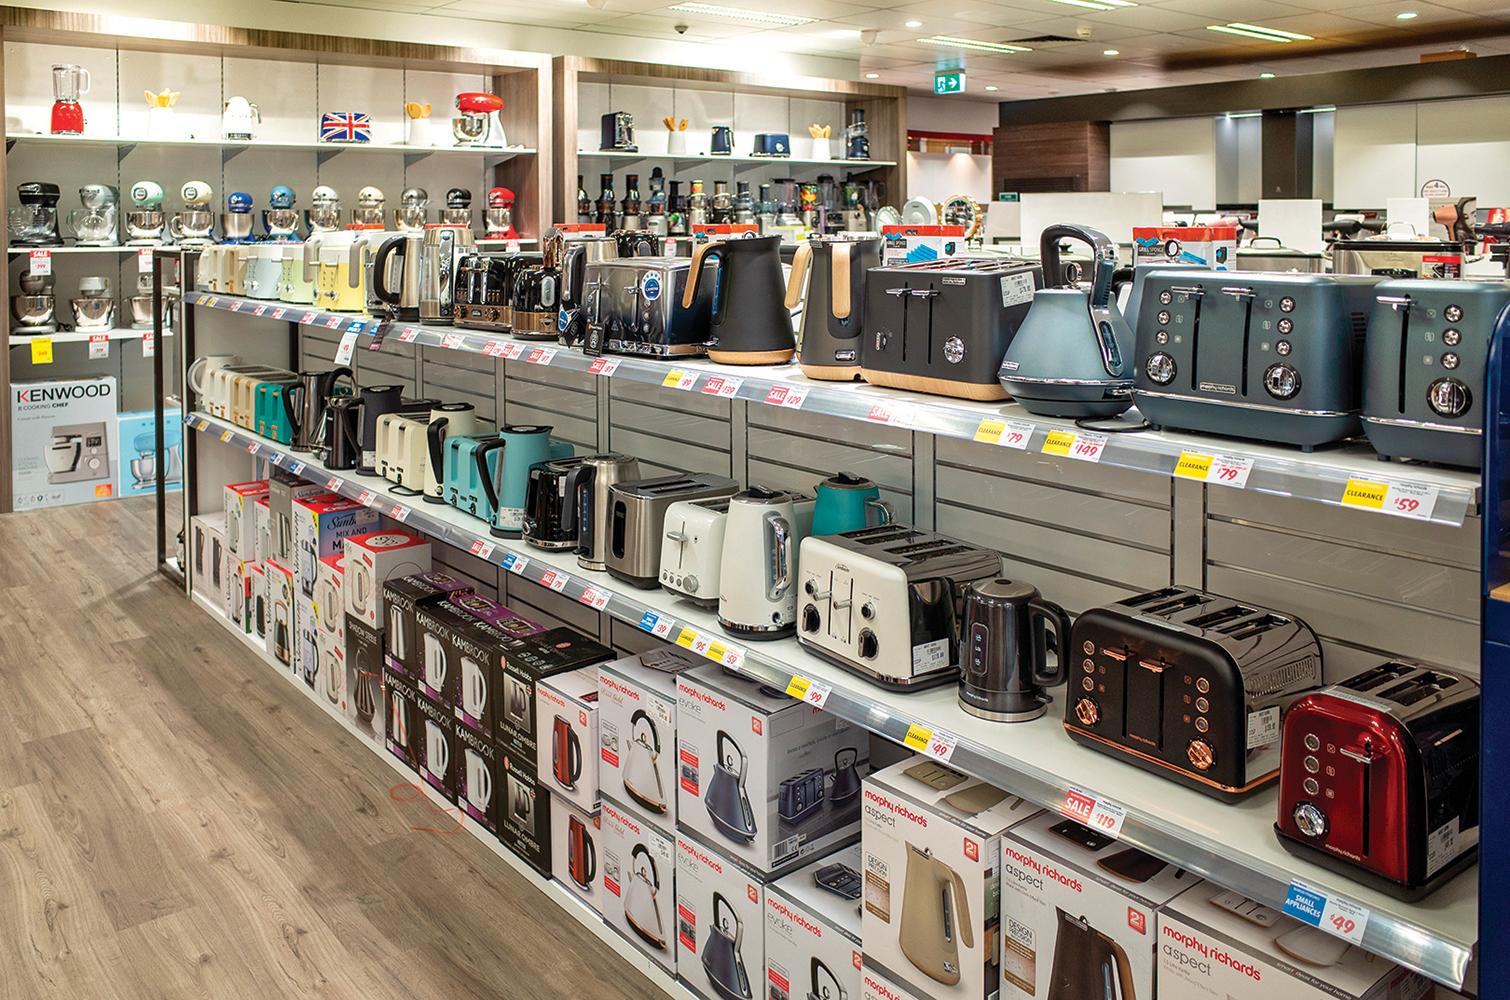 各式家電用品看了令人心動,但購買前應該多加思考!(shutterstock)